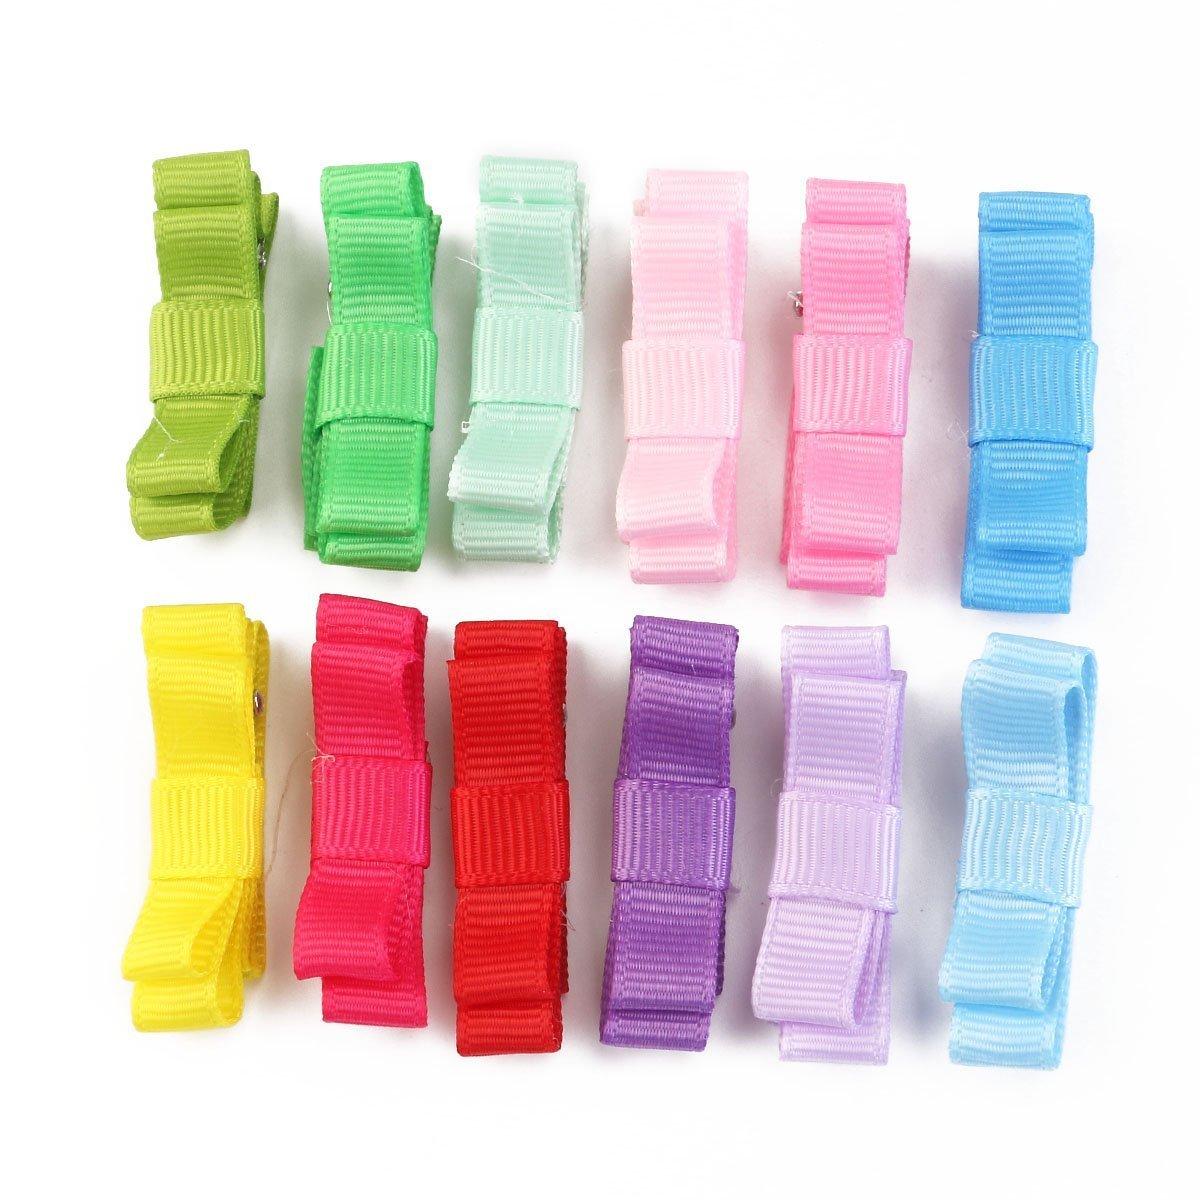 RFGTYBDD Delicado 12pcs Lindos del Pelo Arcos Pinza de cocodrilo Cinta Pinzas de Pelo Adornos para el Pelo para niños (Color al Azar)